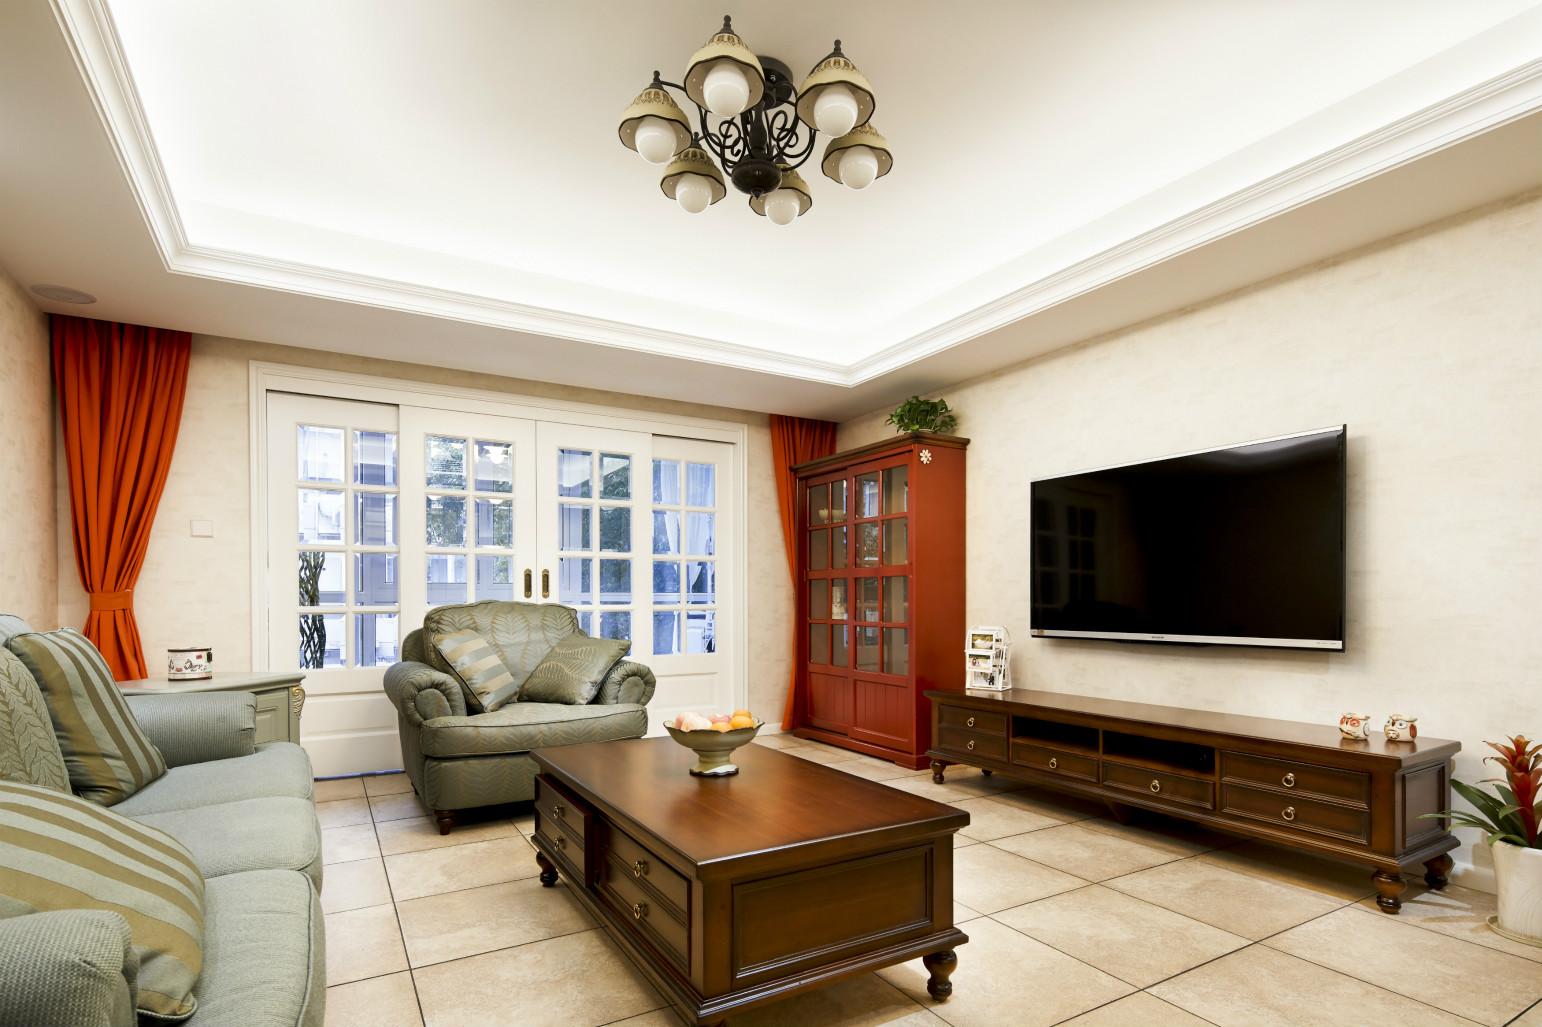 客厅整个空间的原木气息更加浓郁,电视背景墙一直延伸到了玄关和餐厅,让大量空间做成一体化,扩大空间感。